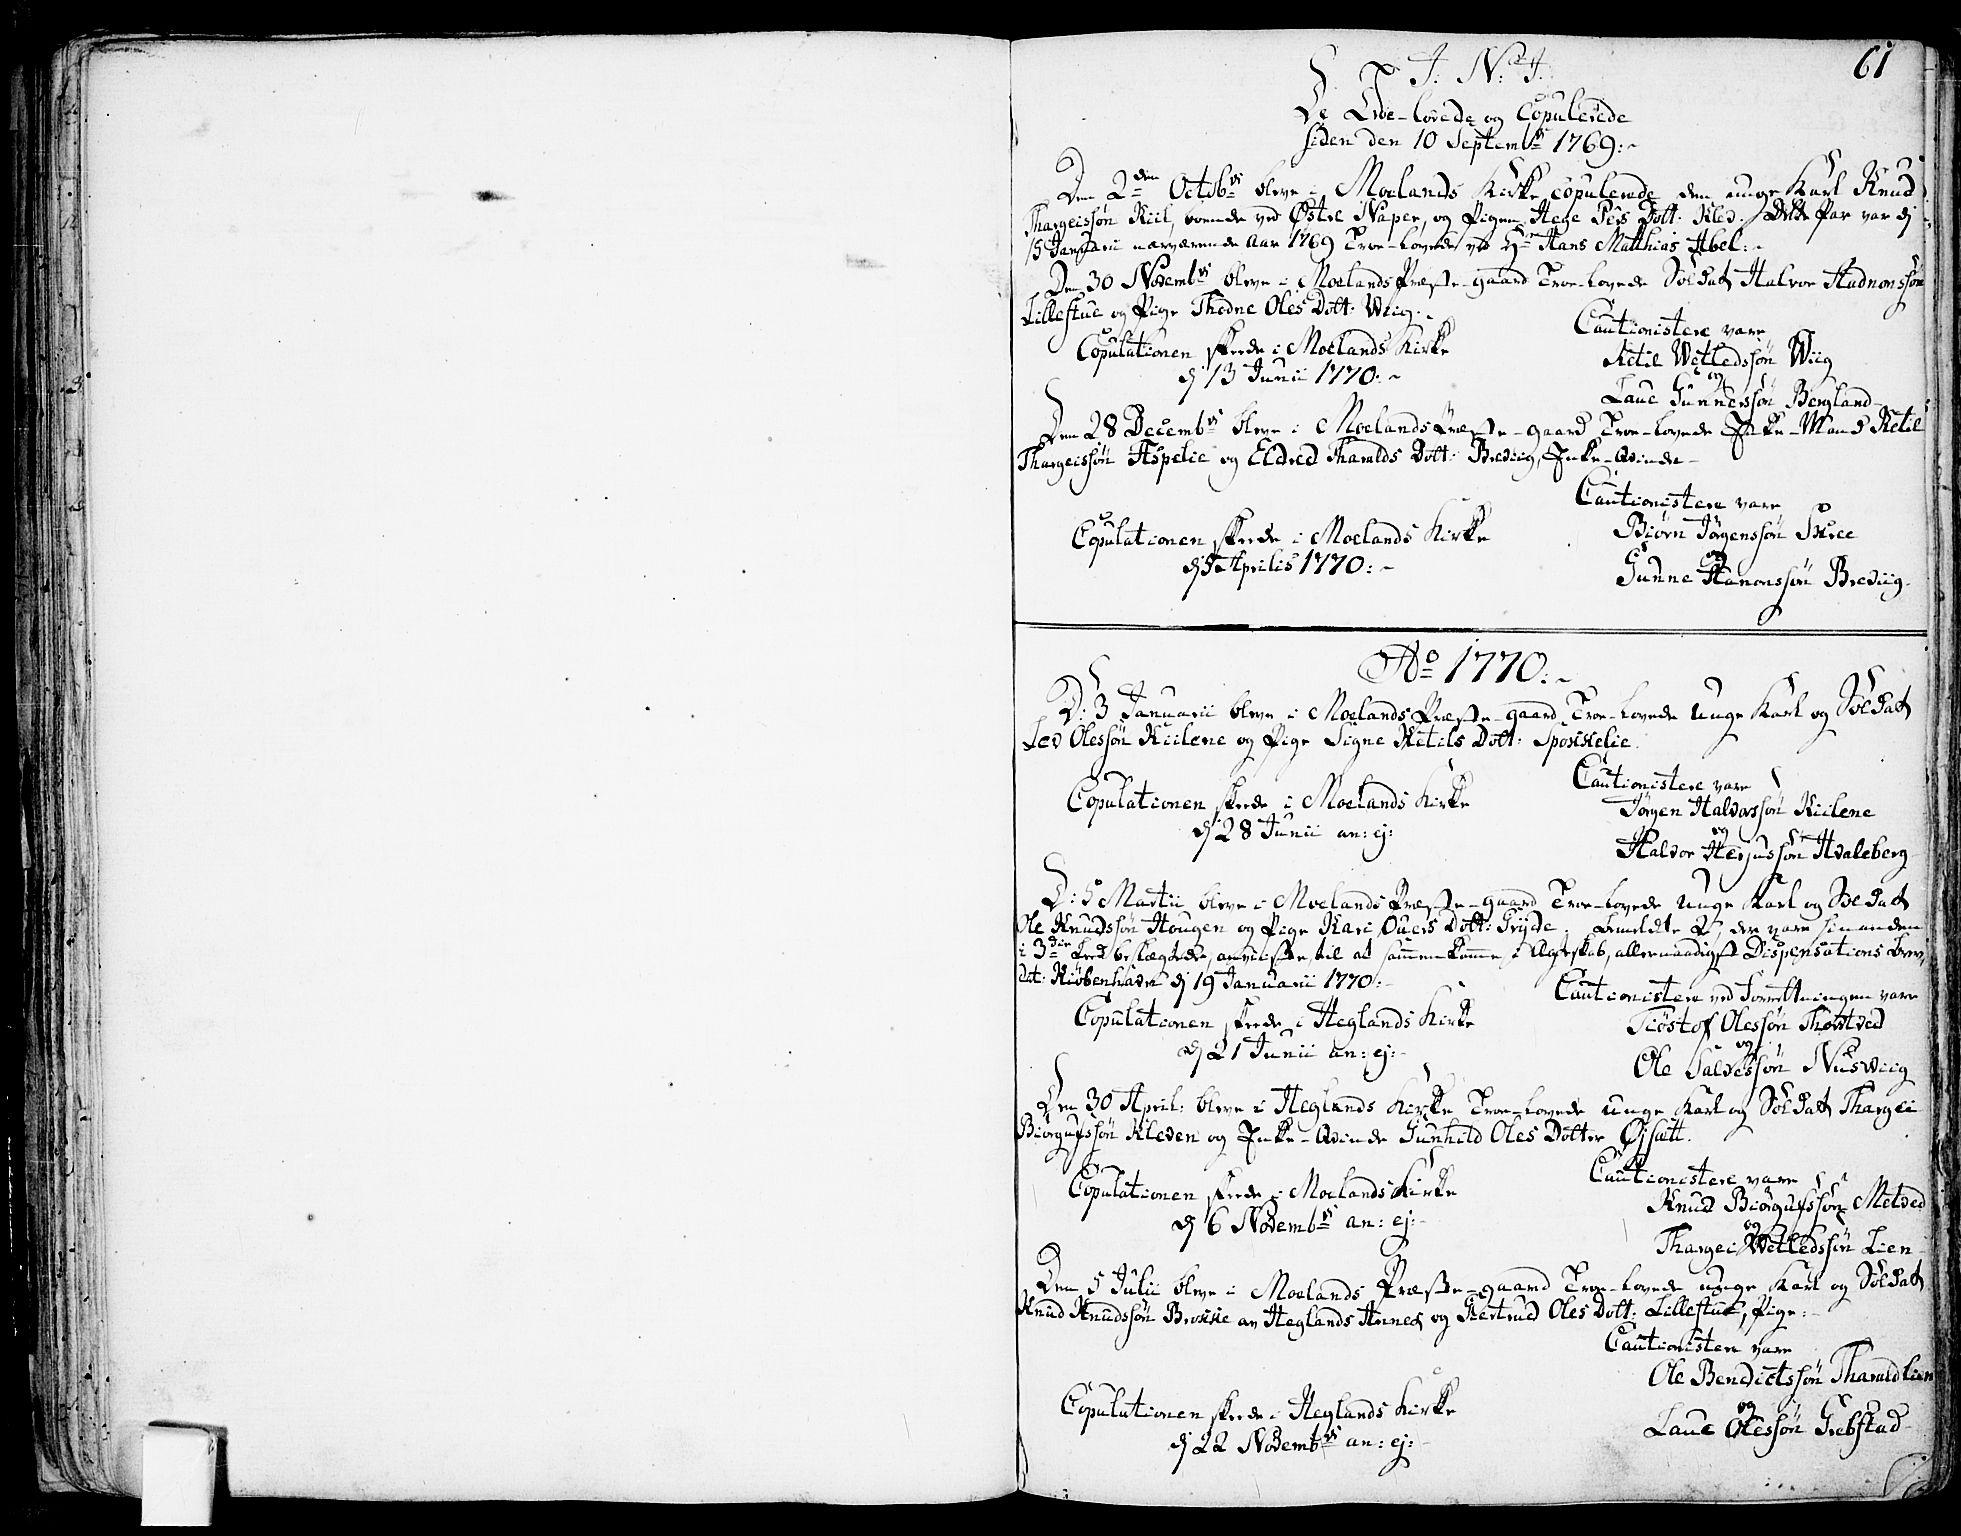 SAKO, Fyresdal kirkebøker, F/Fa/L0002: Ministerialbok nr. I 2, 1769-1814, s. 61